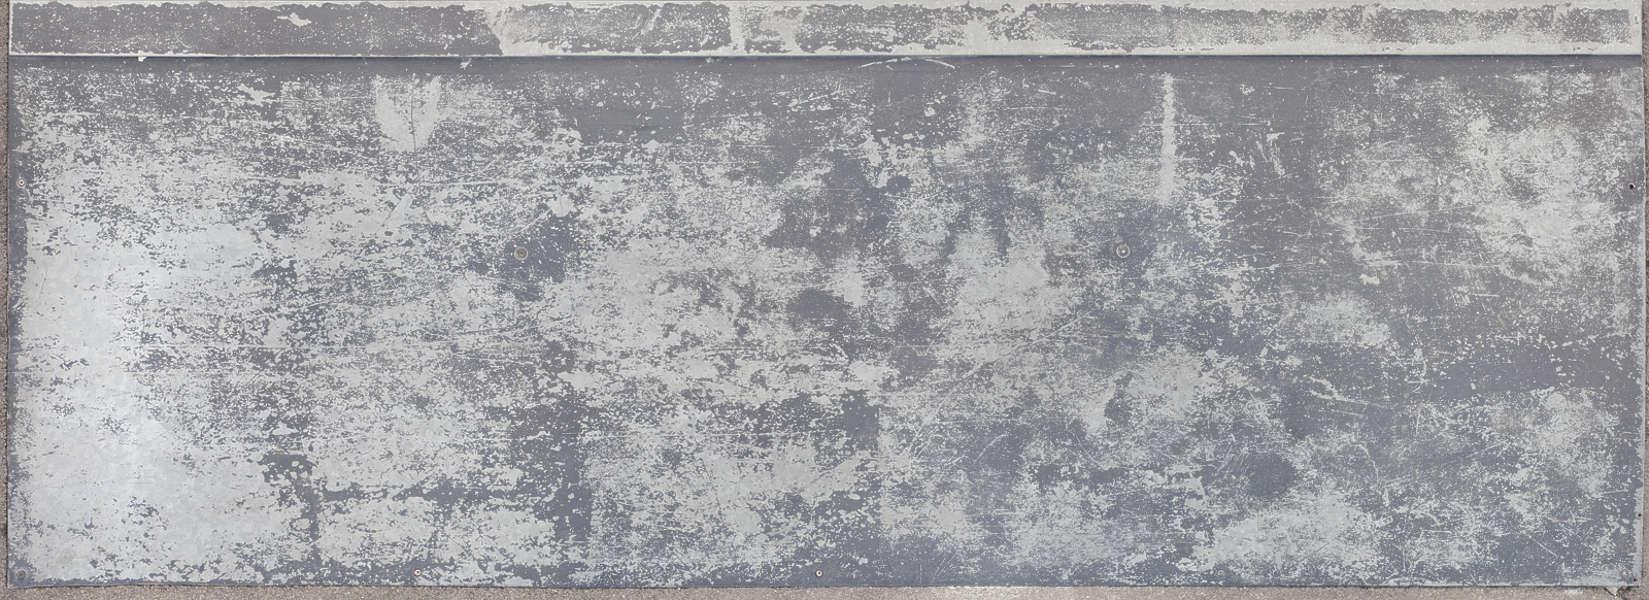 metalplatespainted0151 - free background texture